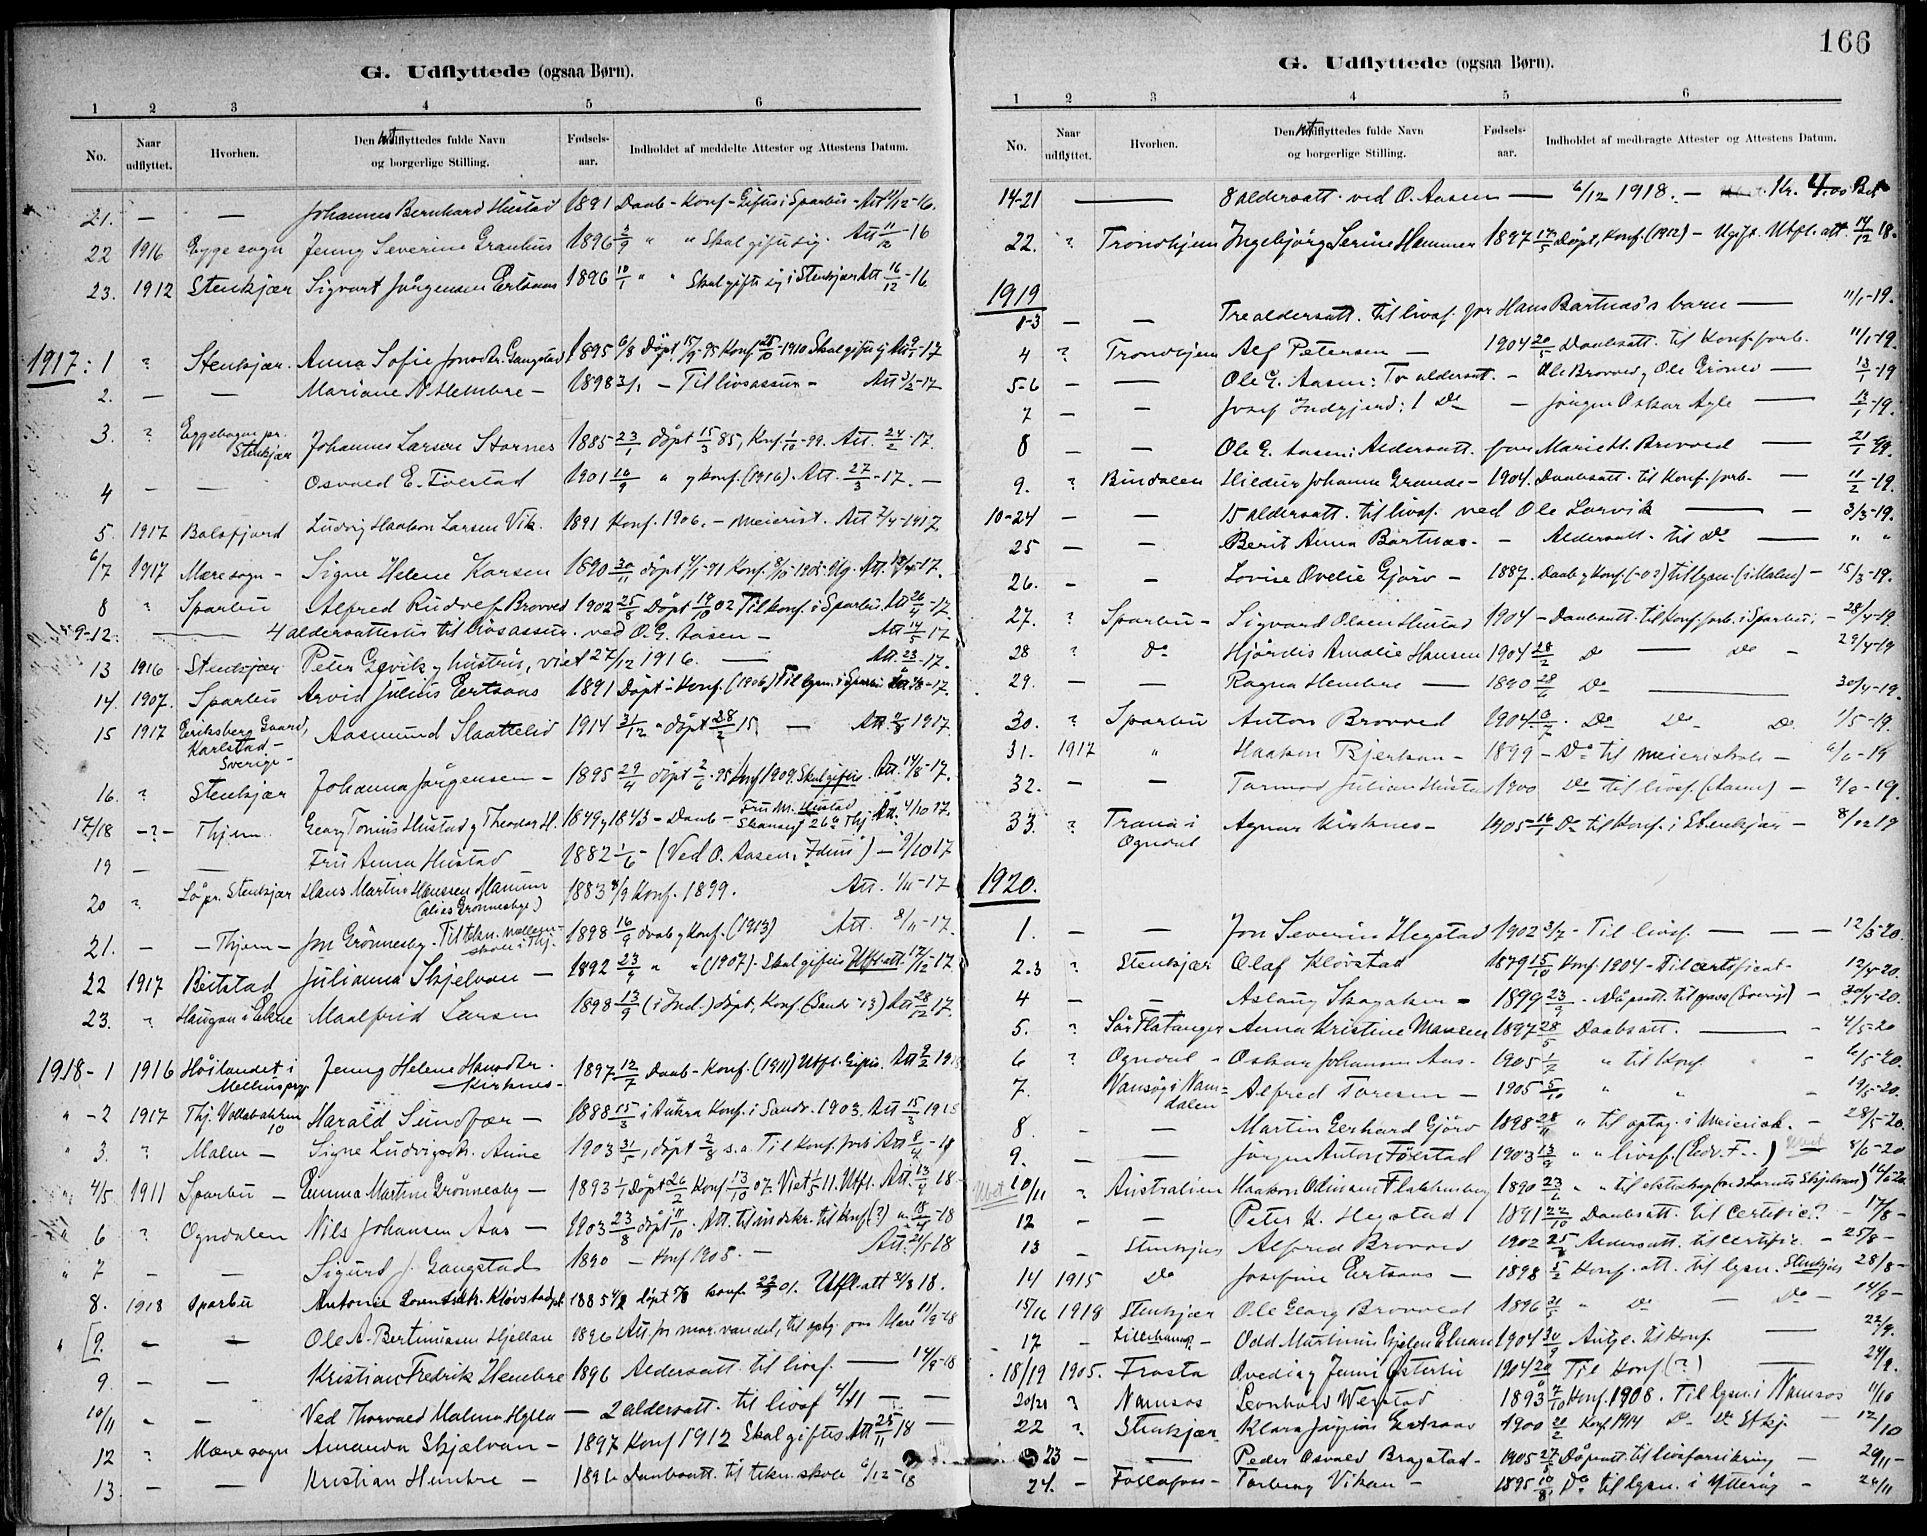 SAT, Ministerialprotokoller, klokkerbøker og fødselsregistre - Nord-Trøndelag, 732/L0316: Ministerialbok nr. 732A01, 1879-1921, s. 166